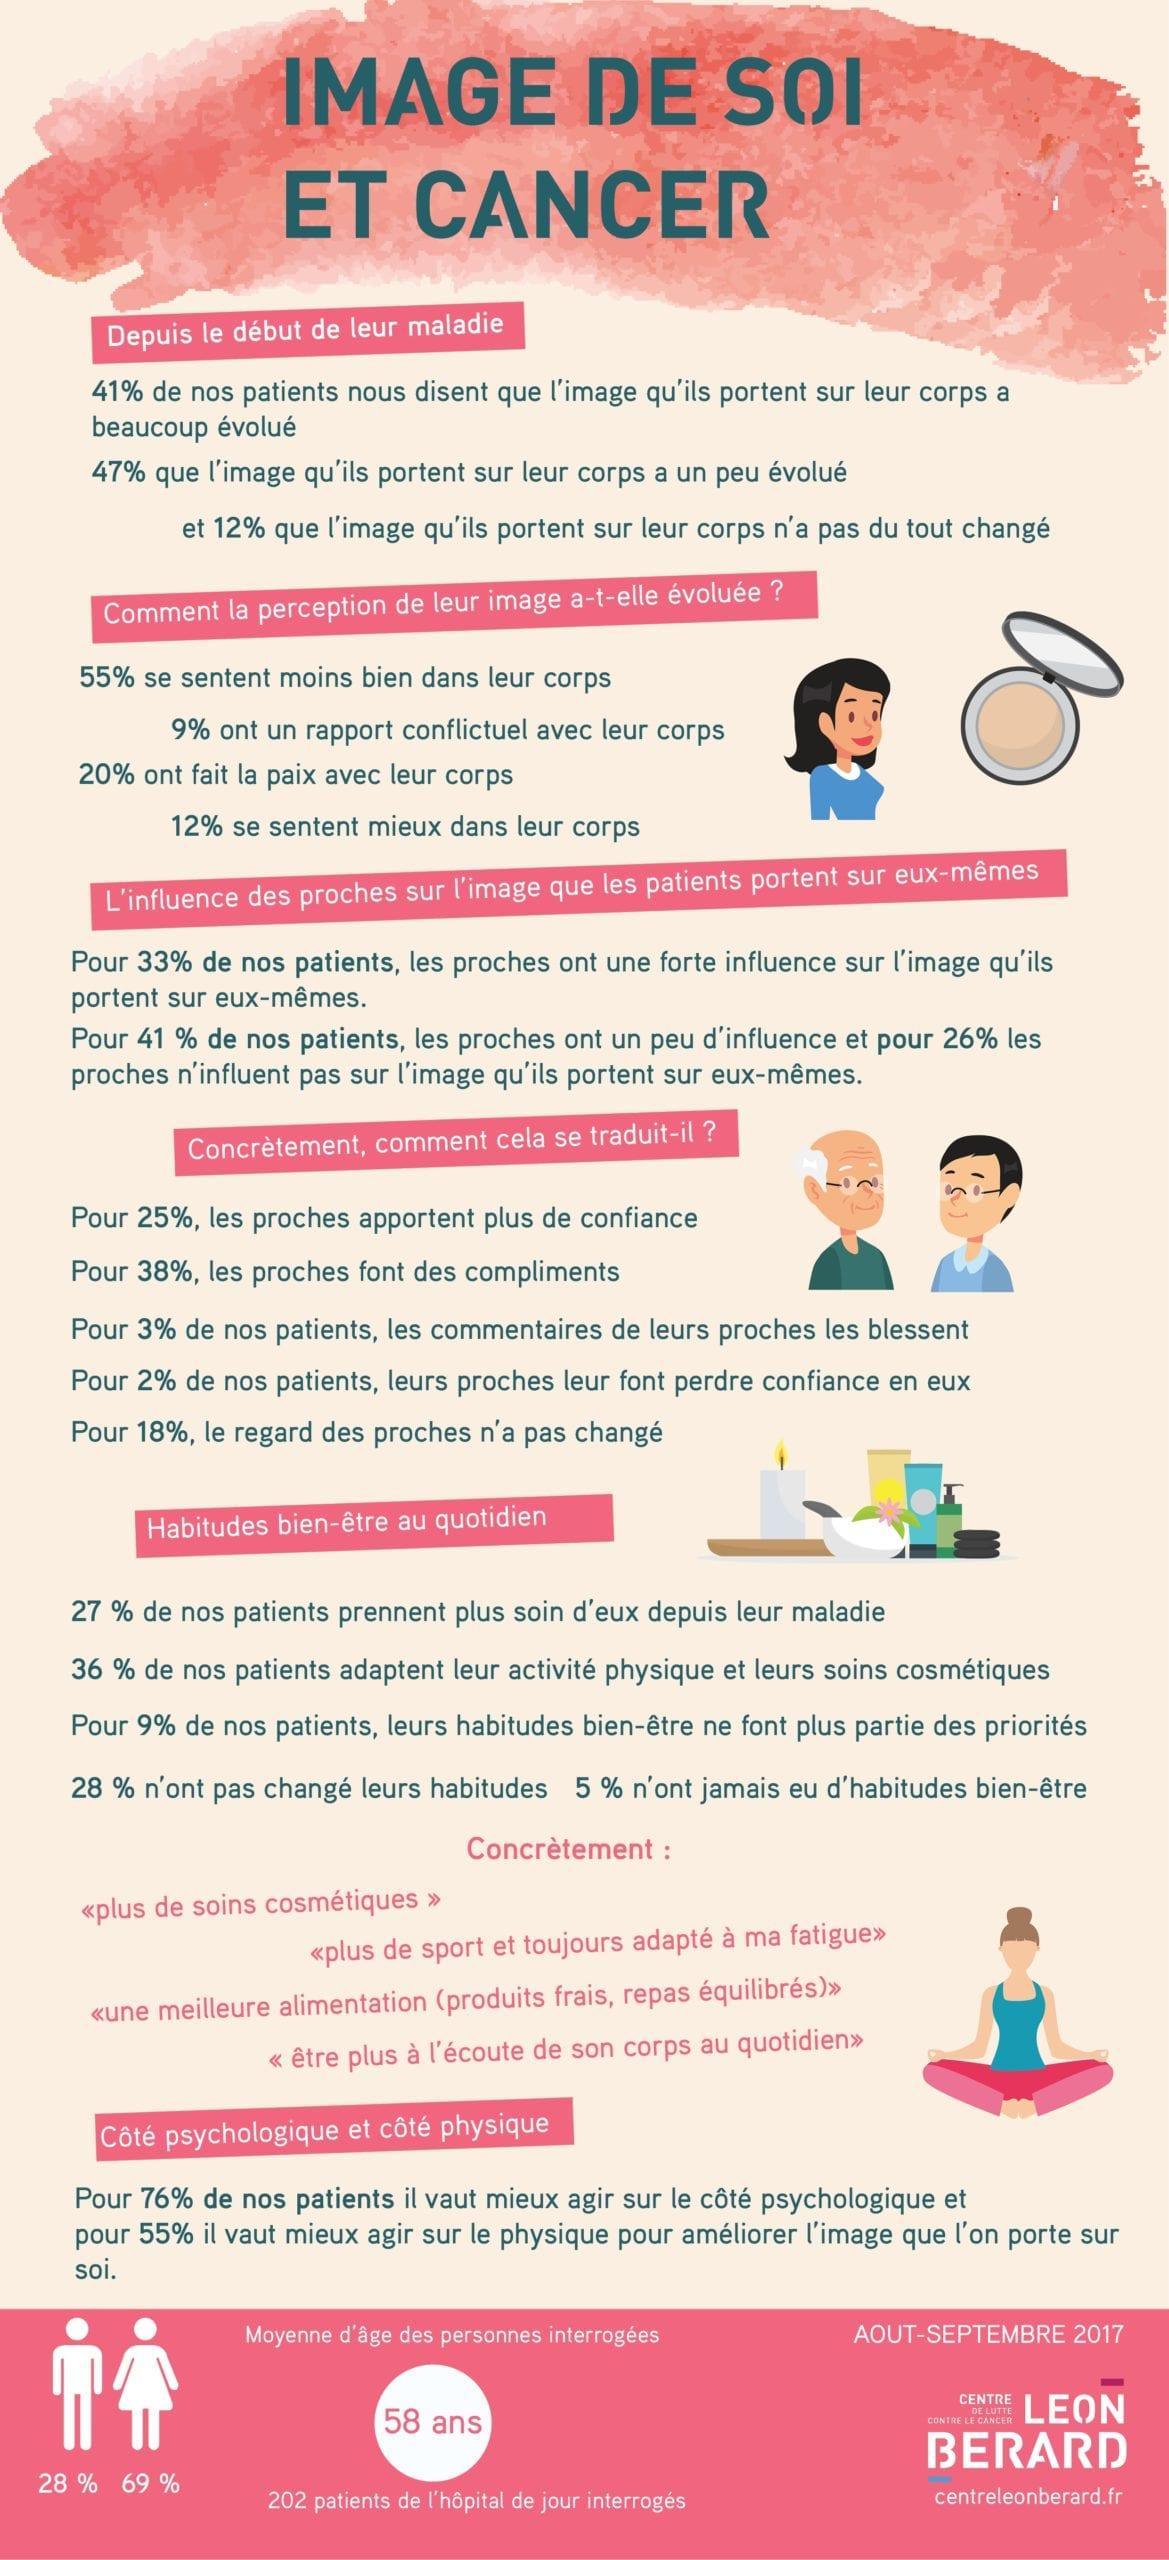 infographie léon berard cancer et image de soi